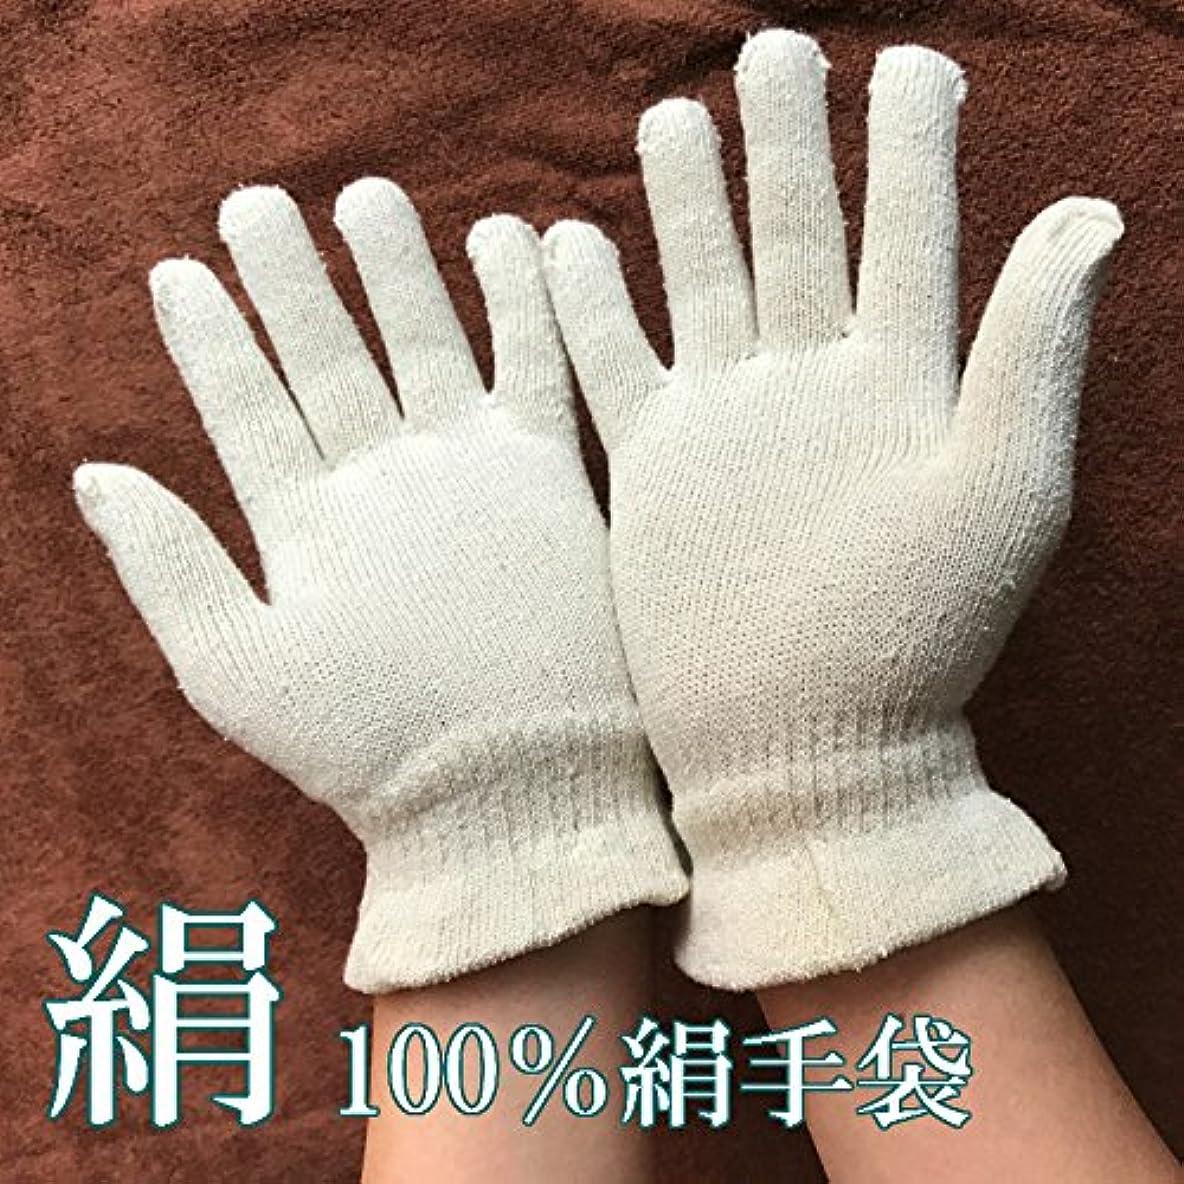 カセット言語学予報絹手袋 シルク手袋 ガルシャナ アーユルヴェーダ